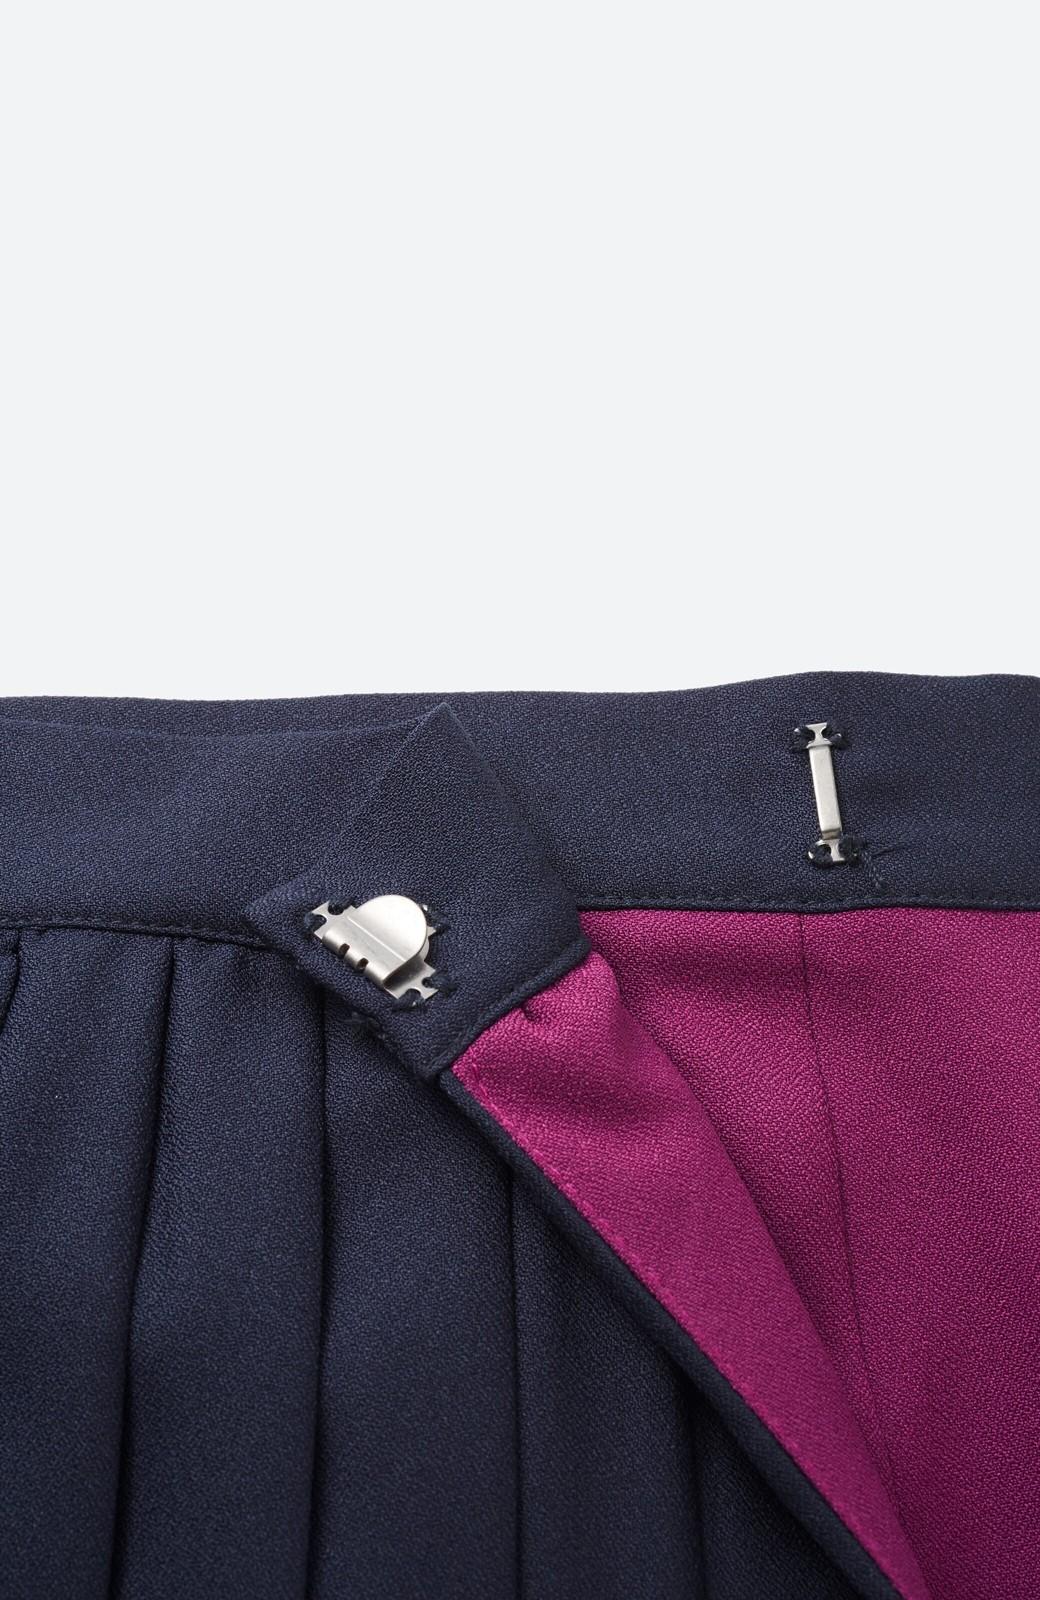 haco! 【背が小さい党】丈もウエストもぴったりサイズ!背が小さくたってすらーっと見えるプリーツスカート <ネイビー>の商品写真5